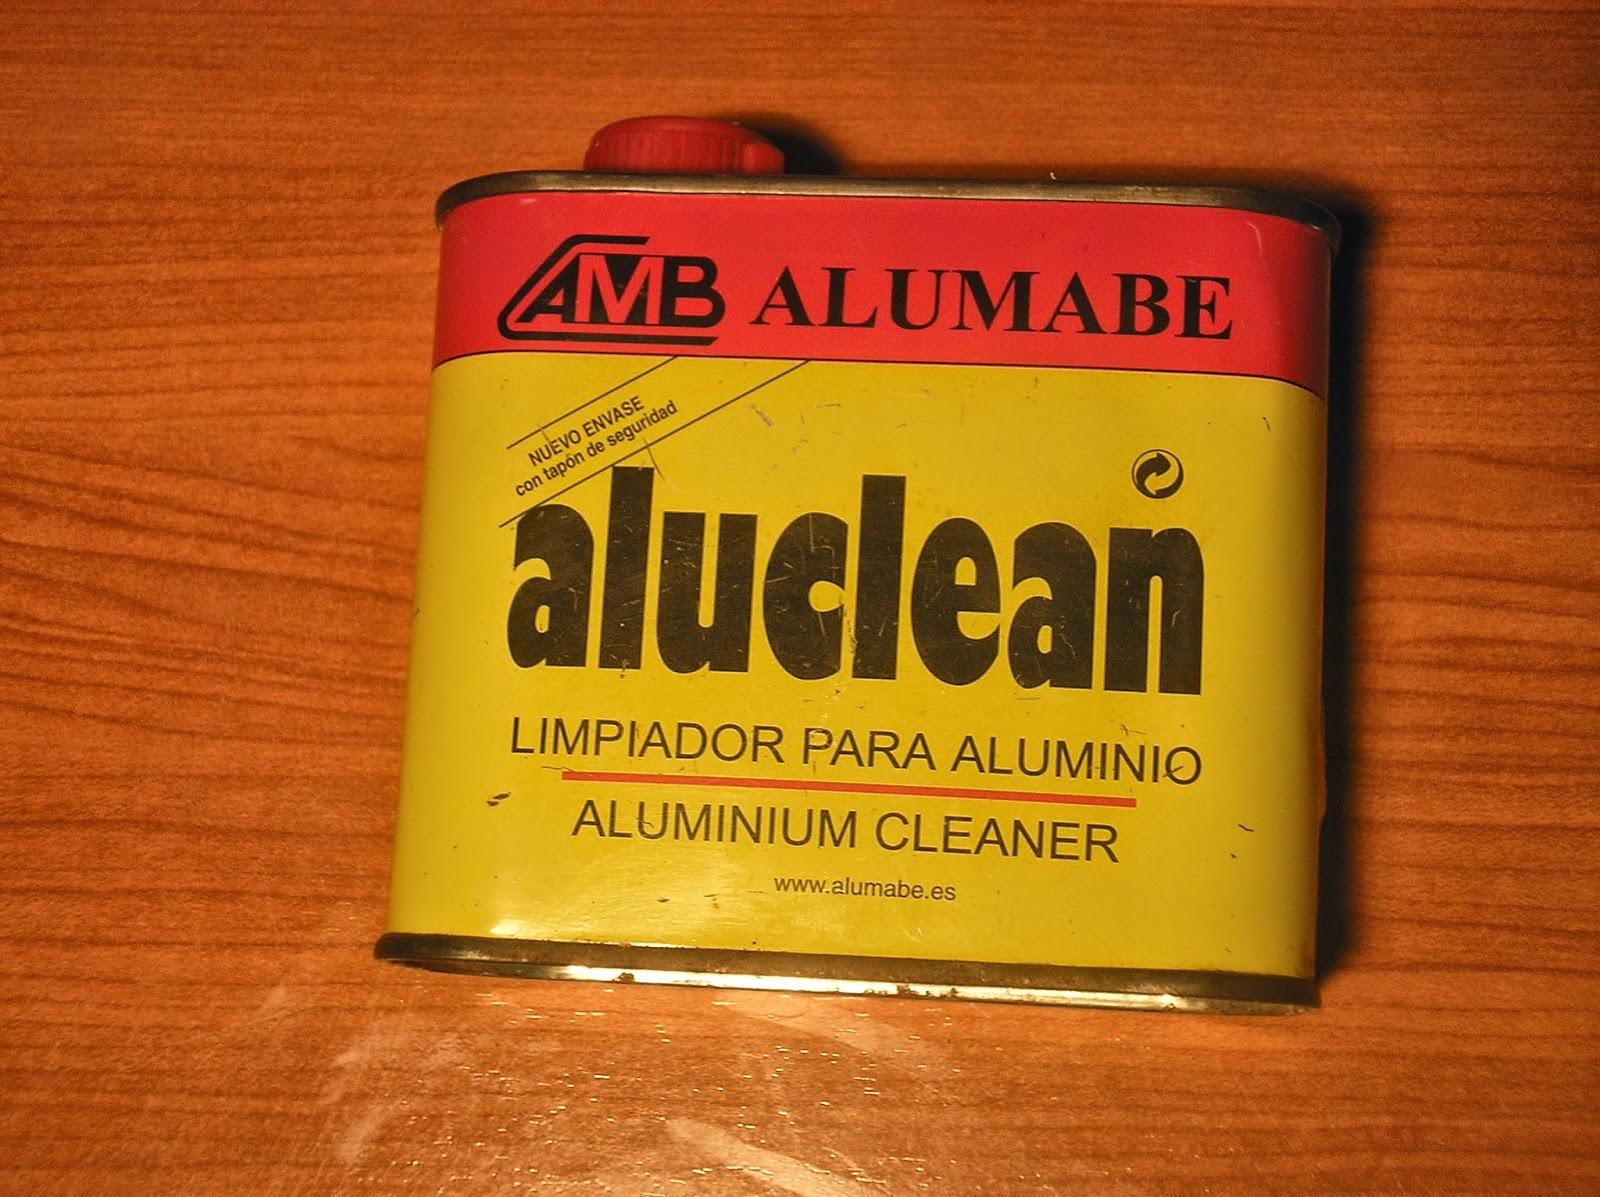 Practicor Todo En Aluminio Como Limpiar Una Ventana De Aluminio ~ Como Limpiar El Aluminio De Las Ventanas